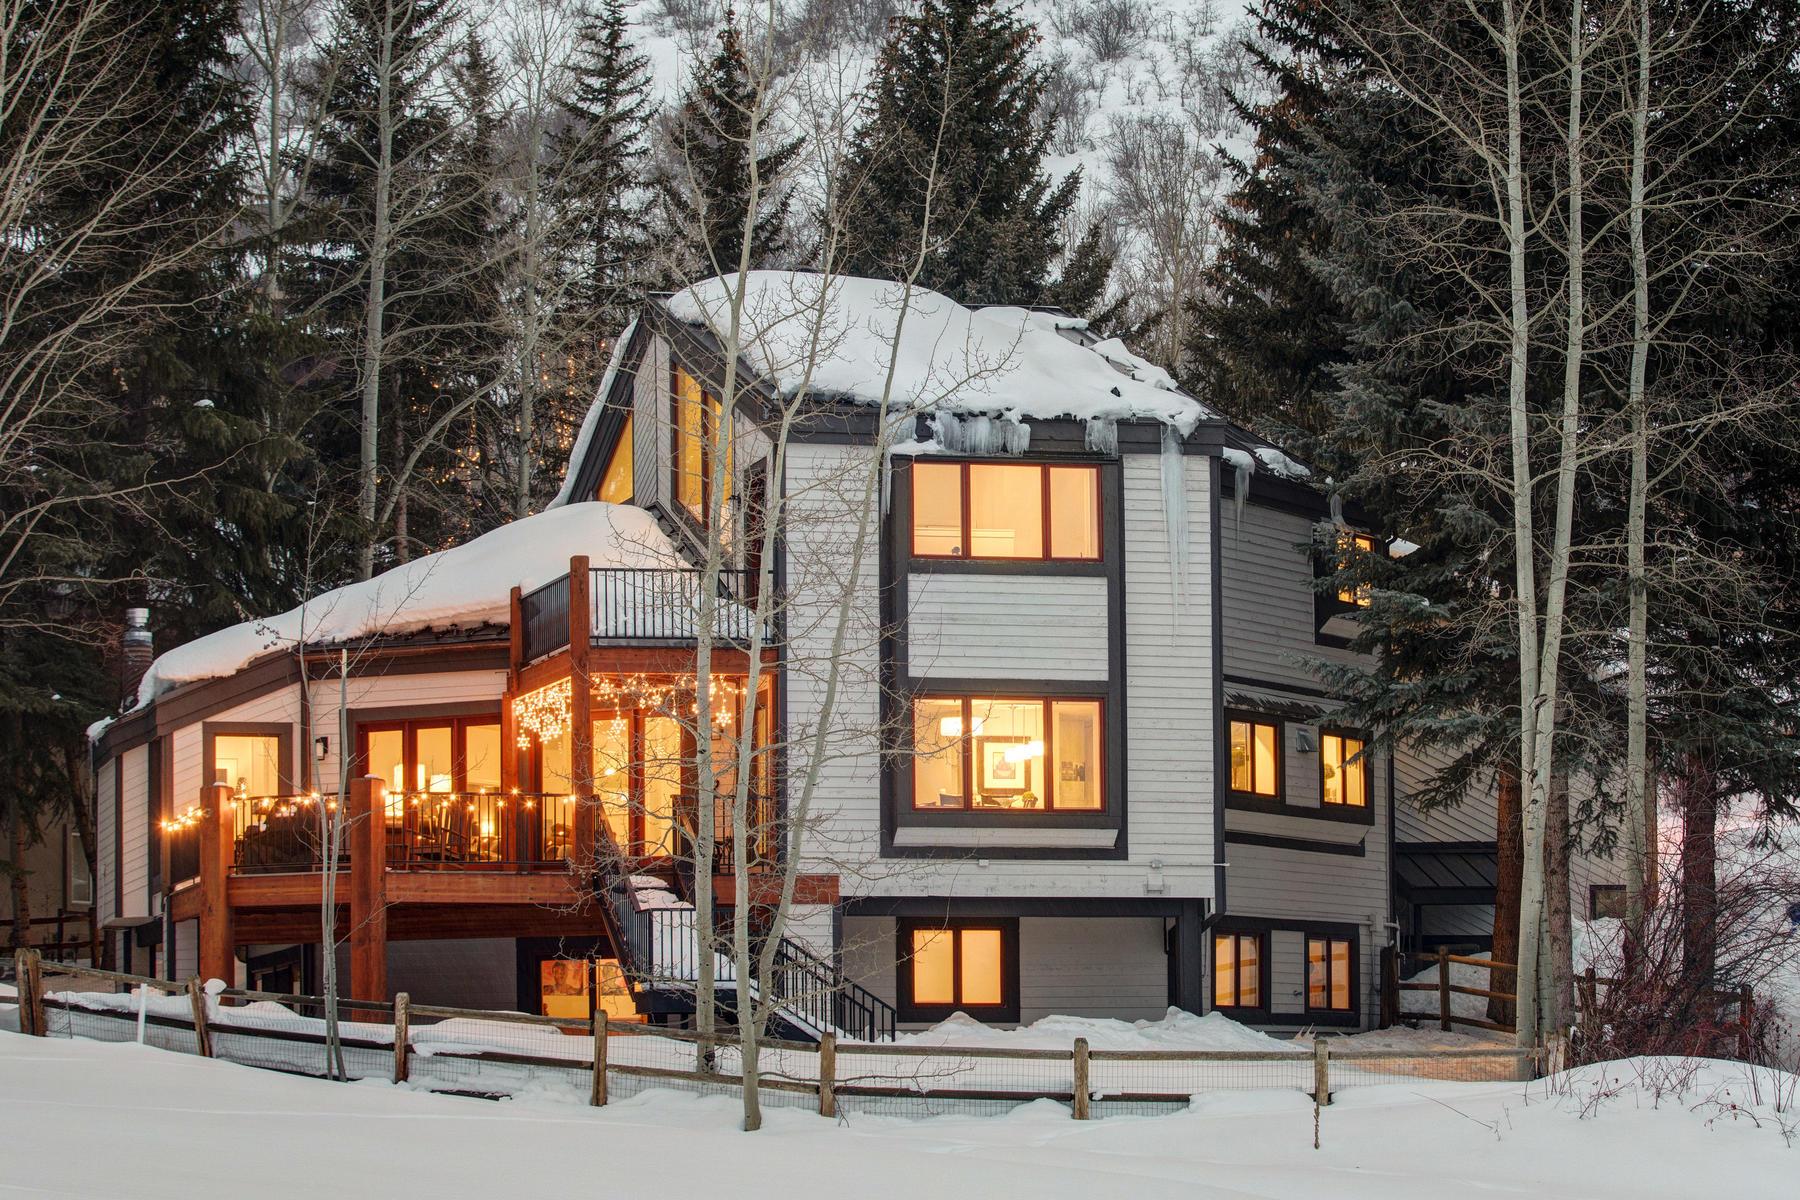 独户住宅 为 销售 在 Beautiful Family Home in the Heart of Park City - Minutes to Everything 2307 Morning Star Dr 帕克城, 犹他州, 84060 美国